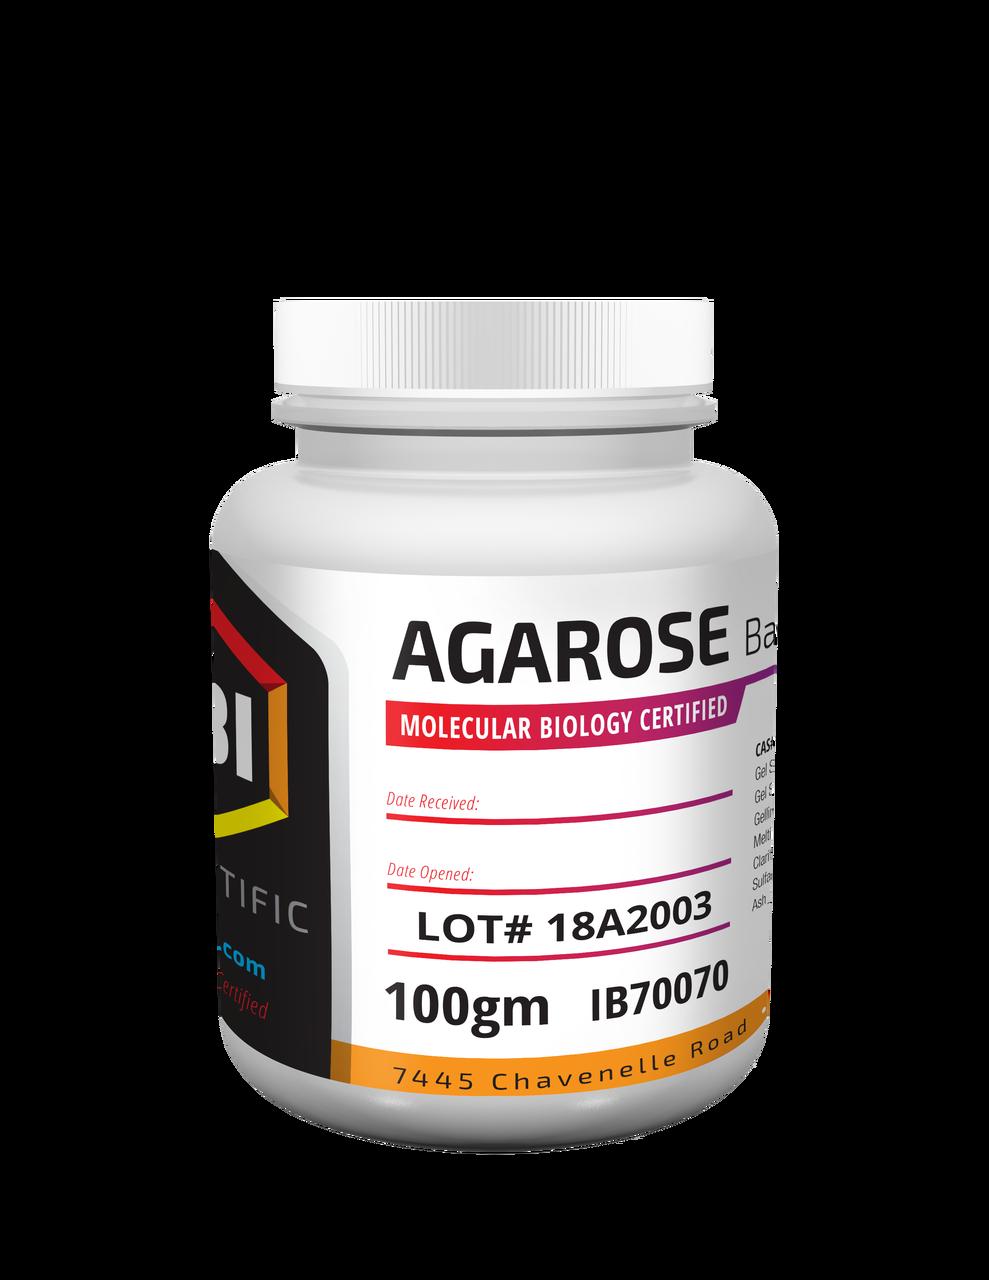 IBI Basic Agarose